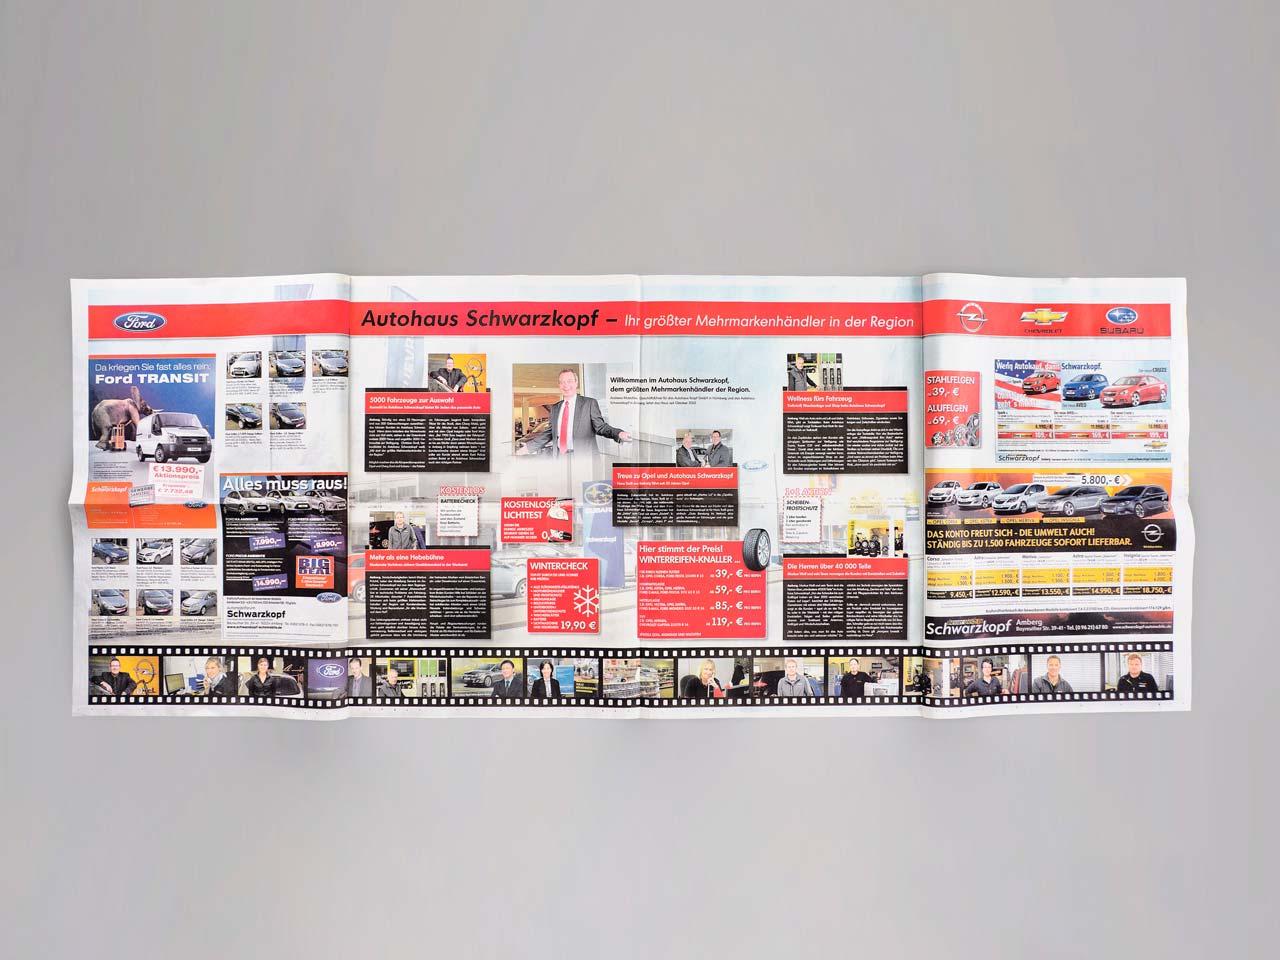 Aufgeklappte Zeitung im Superpanoramaformat aus dem Druck von Oberpfalz Medien.